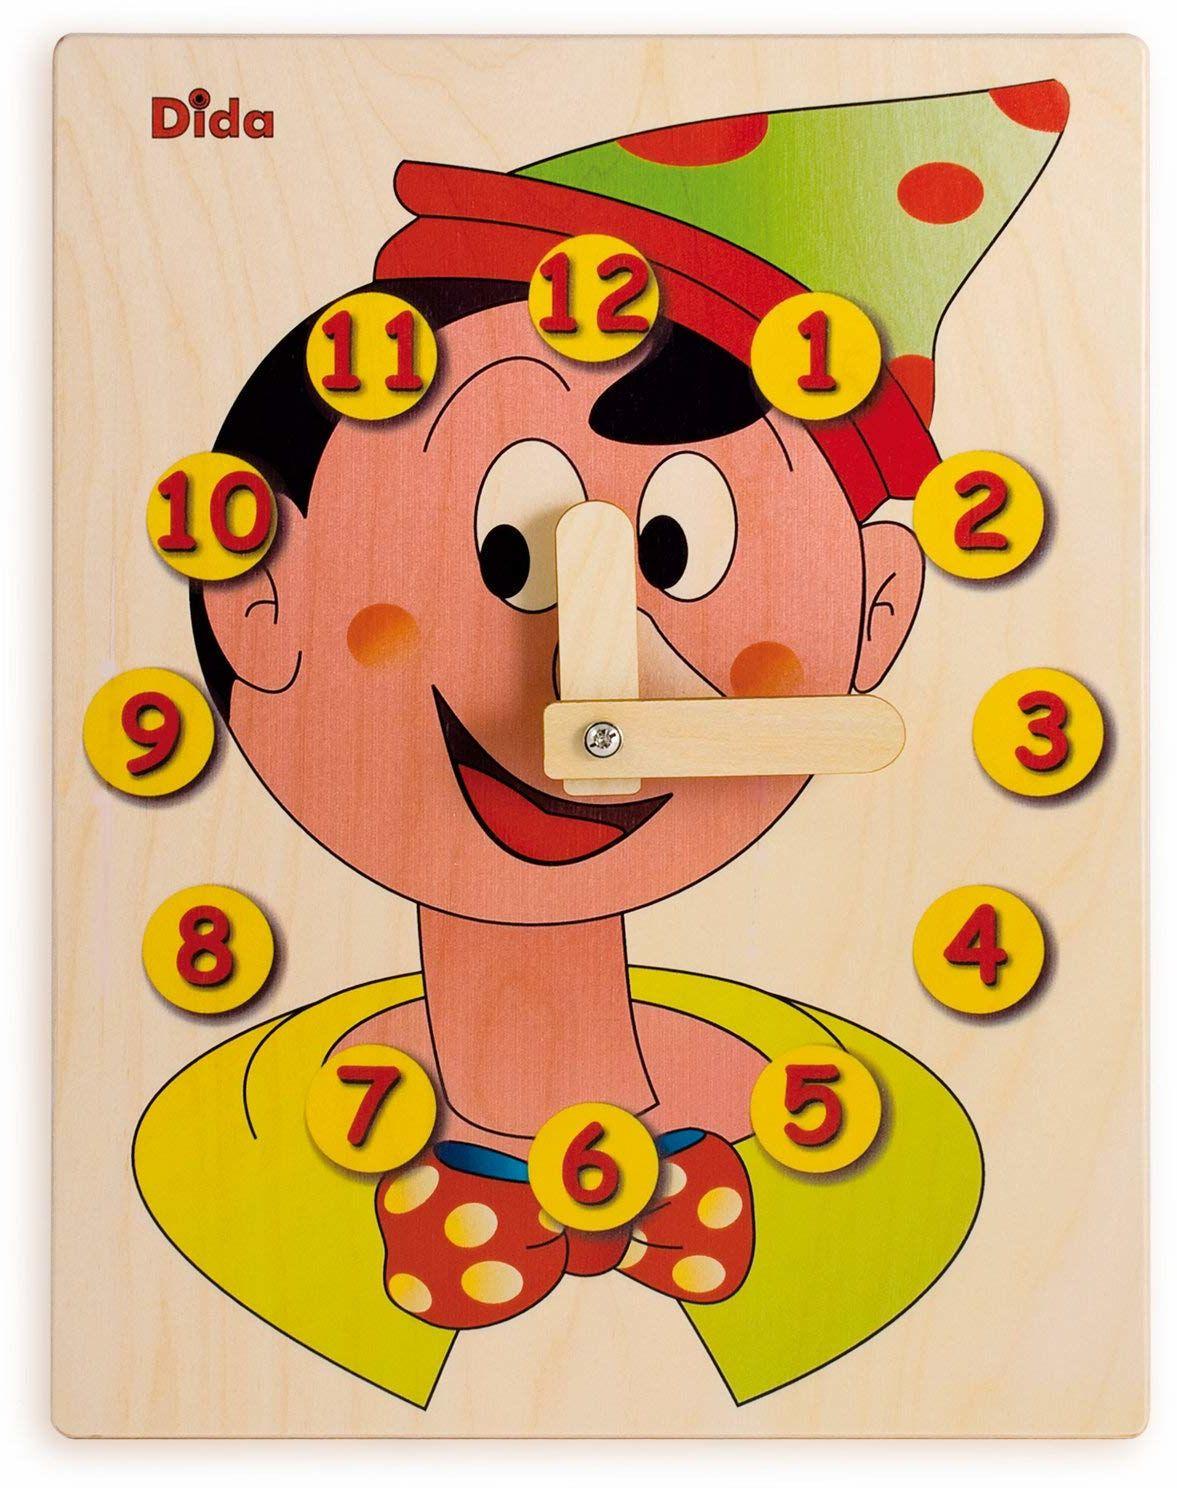 Dida - Zegar do nauki dla dzieci  Pinocchio  nauka się i zabawy, zegar do nauki dla dzieci z drewna, do przedszkola, szkoły i do domu